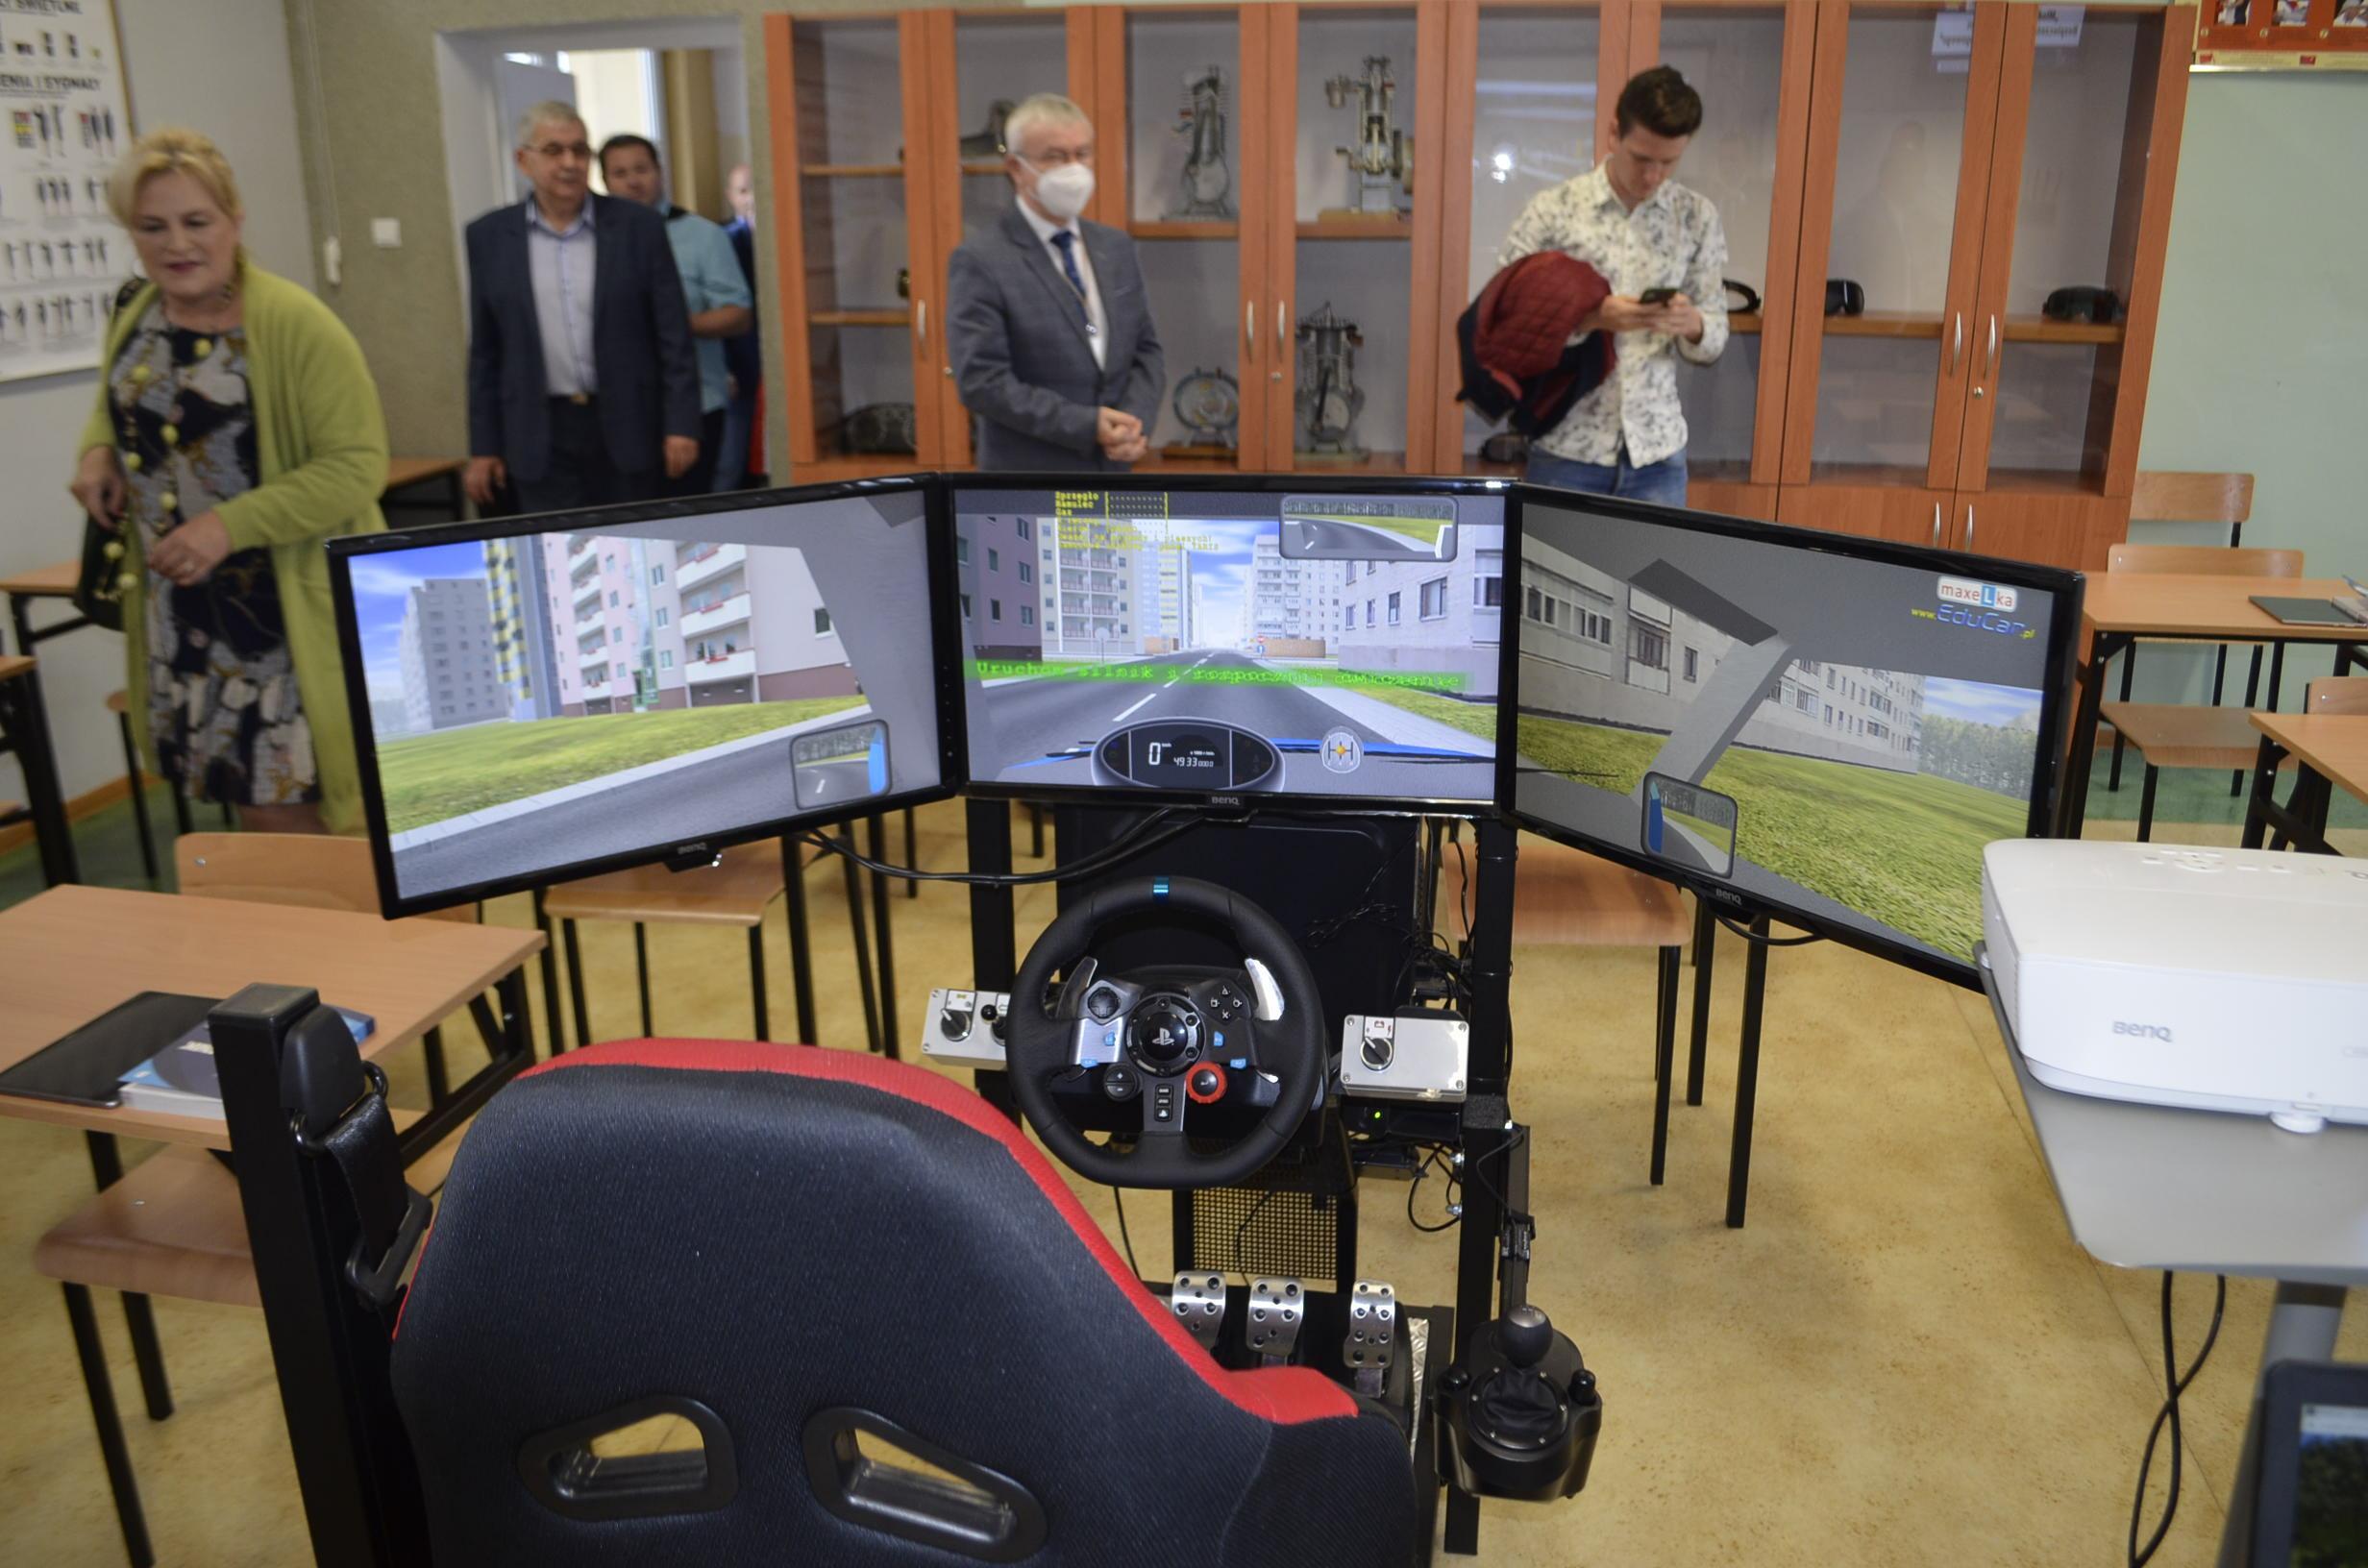 Symulator do nauki jazdy dla uczniów zamierzających uzyskać prawo jazdy